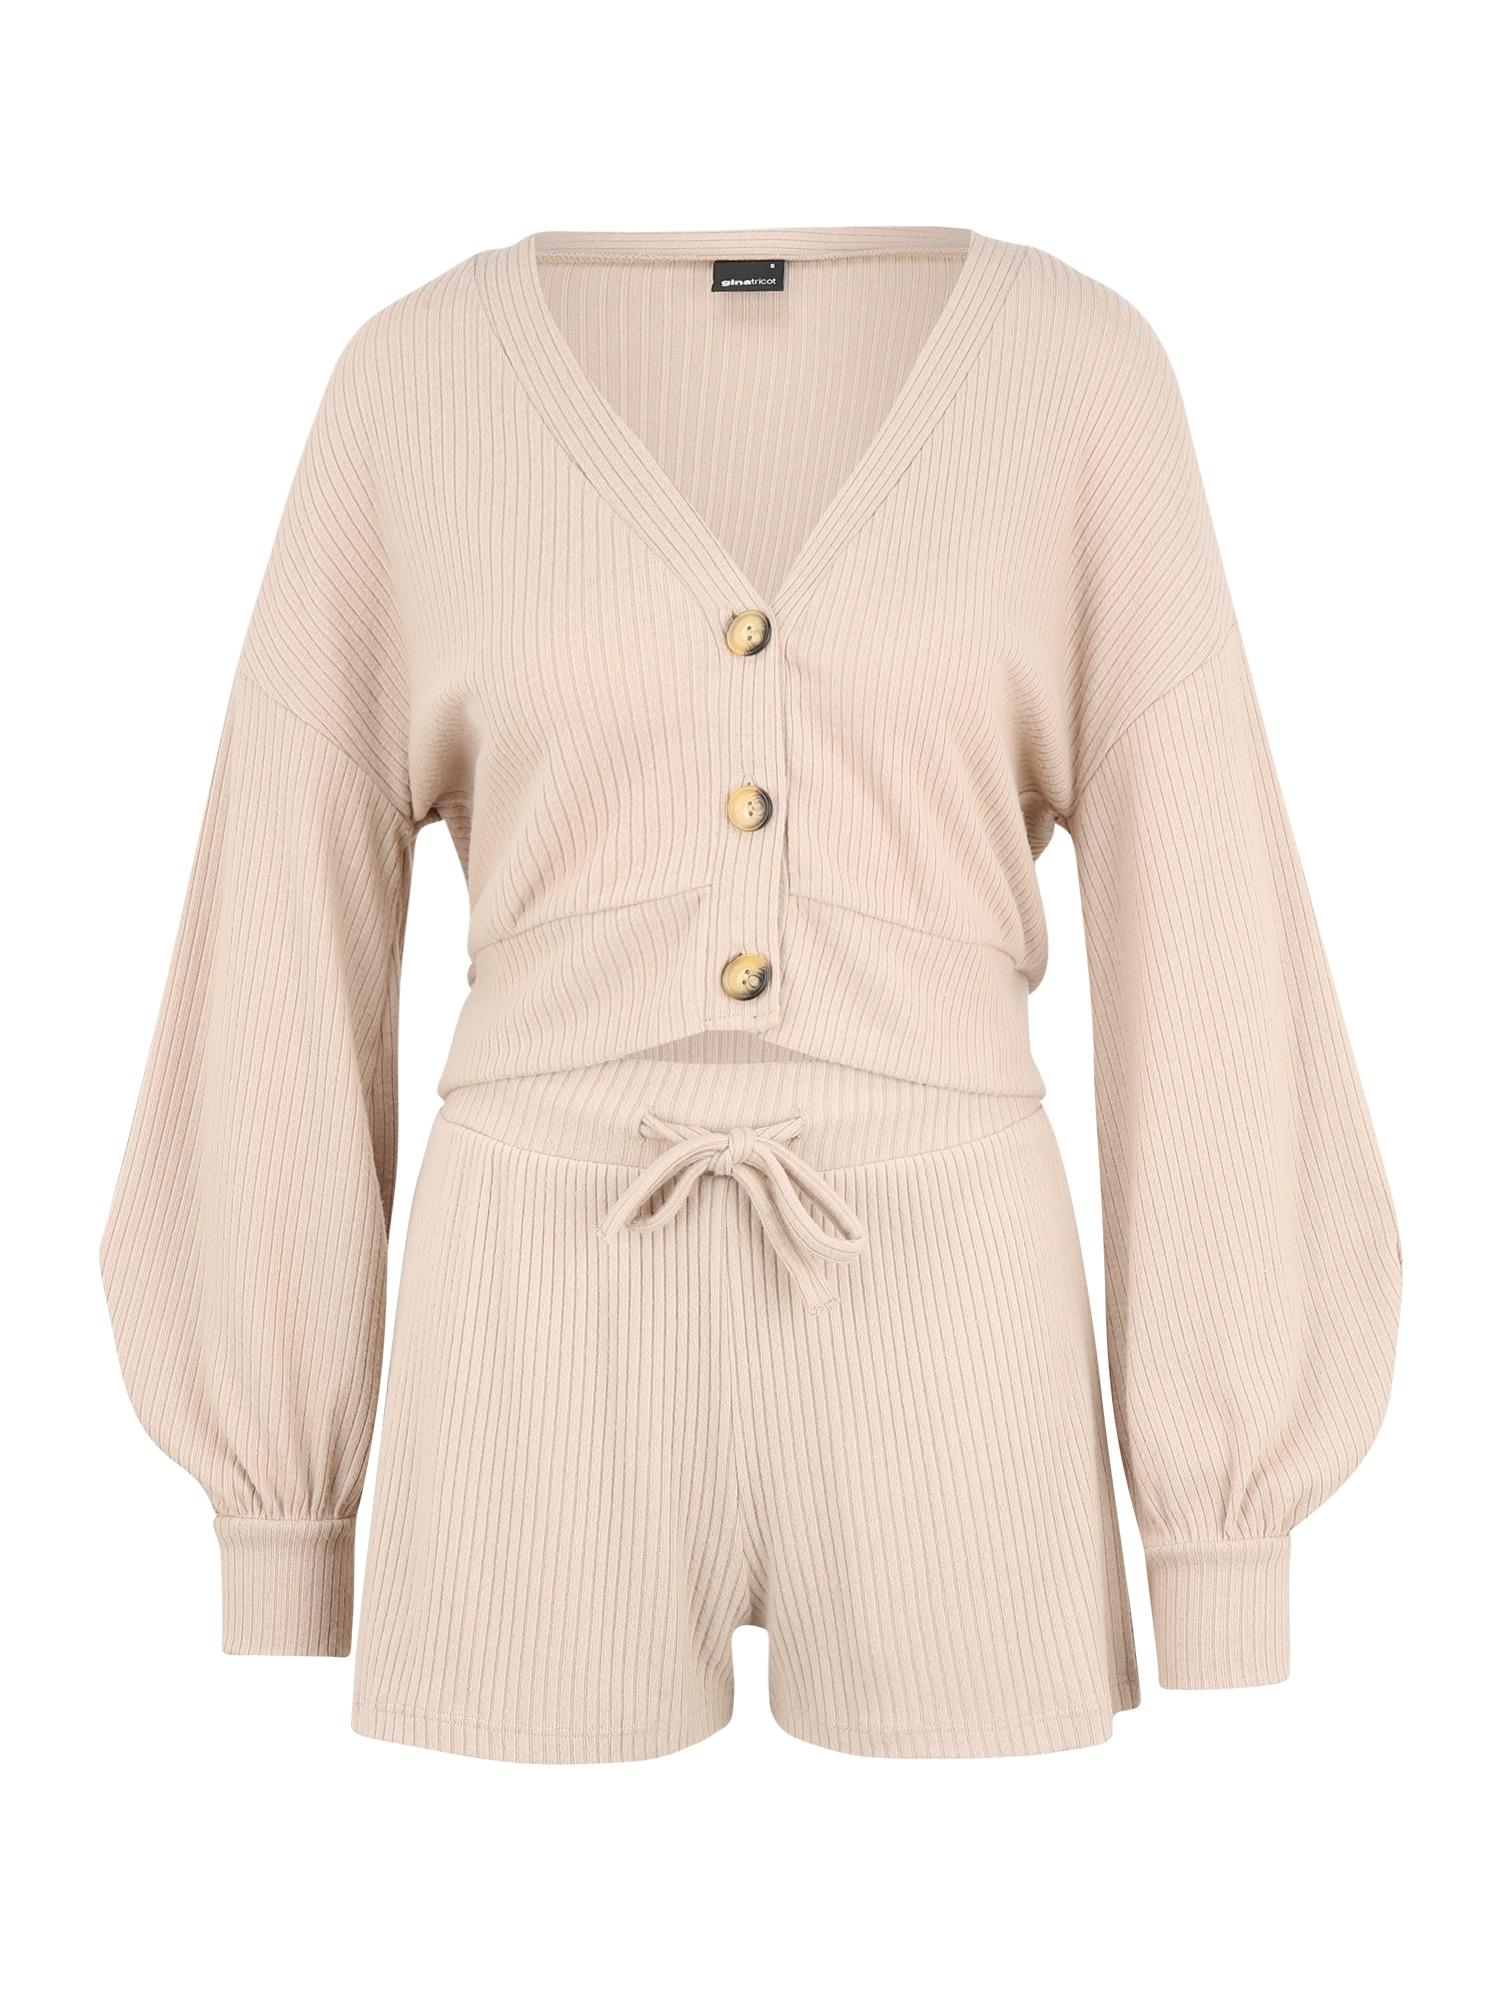 Gina Tricot (Petite) Moteriškas kostiumėlis su kelnėmis 'Sophie' smėlio